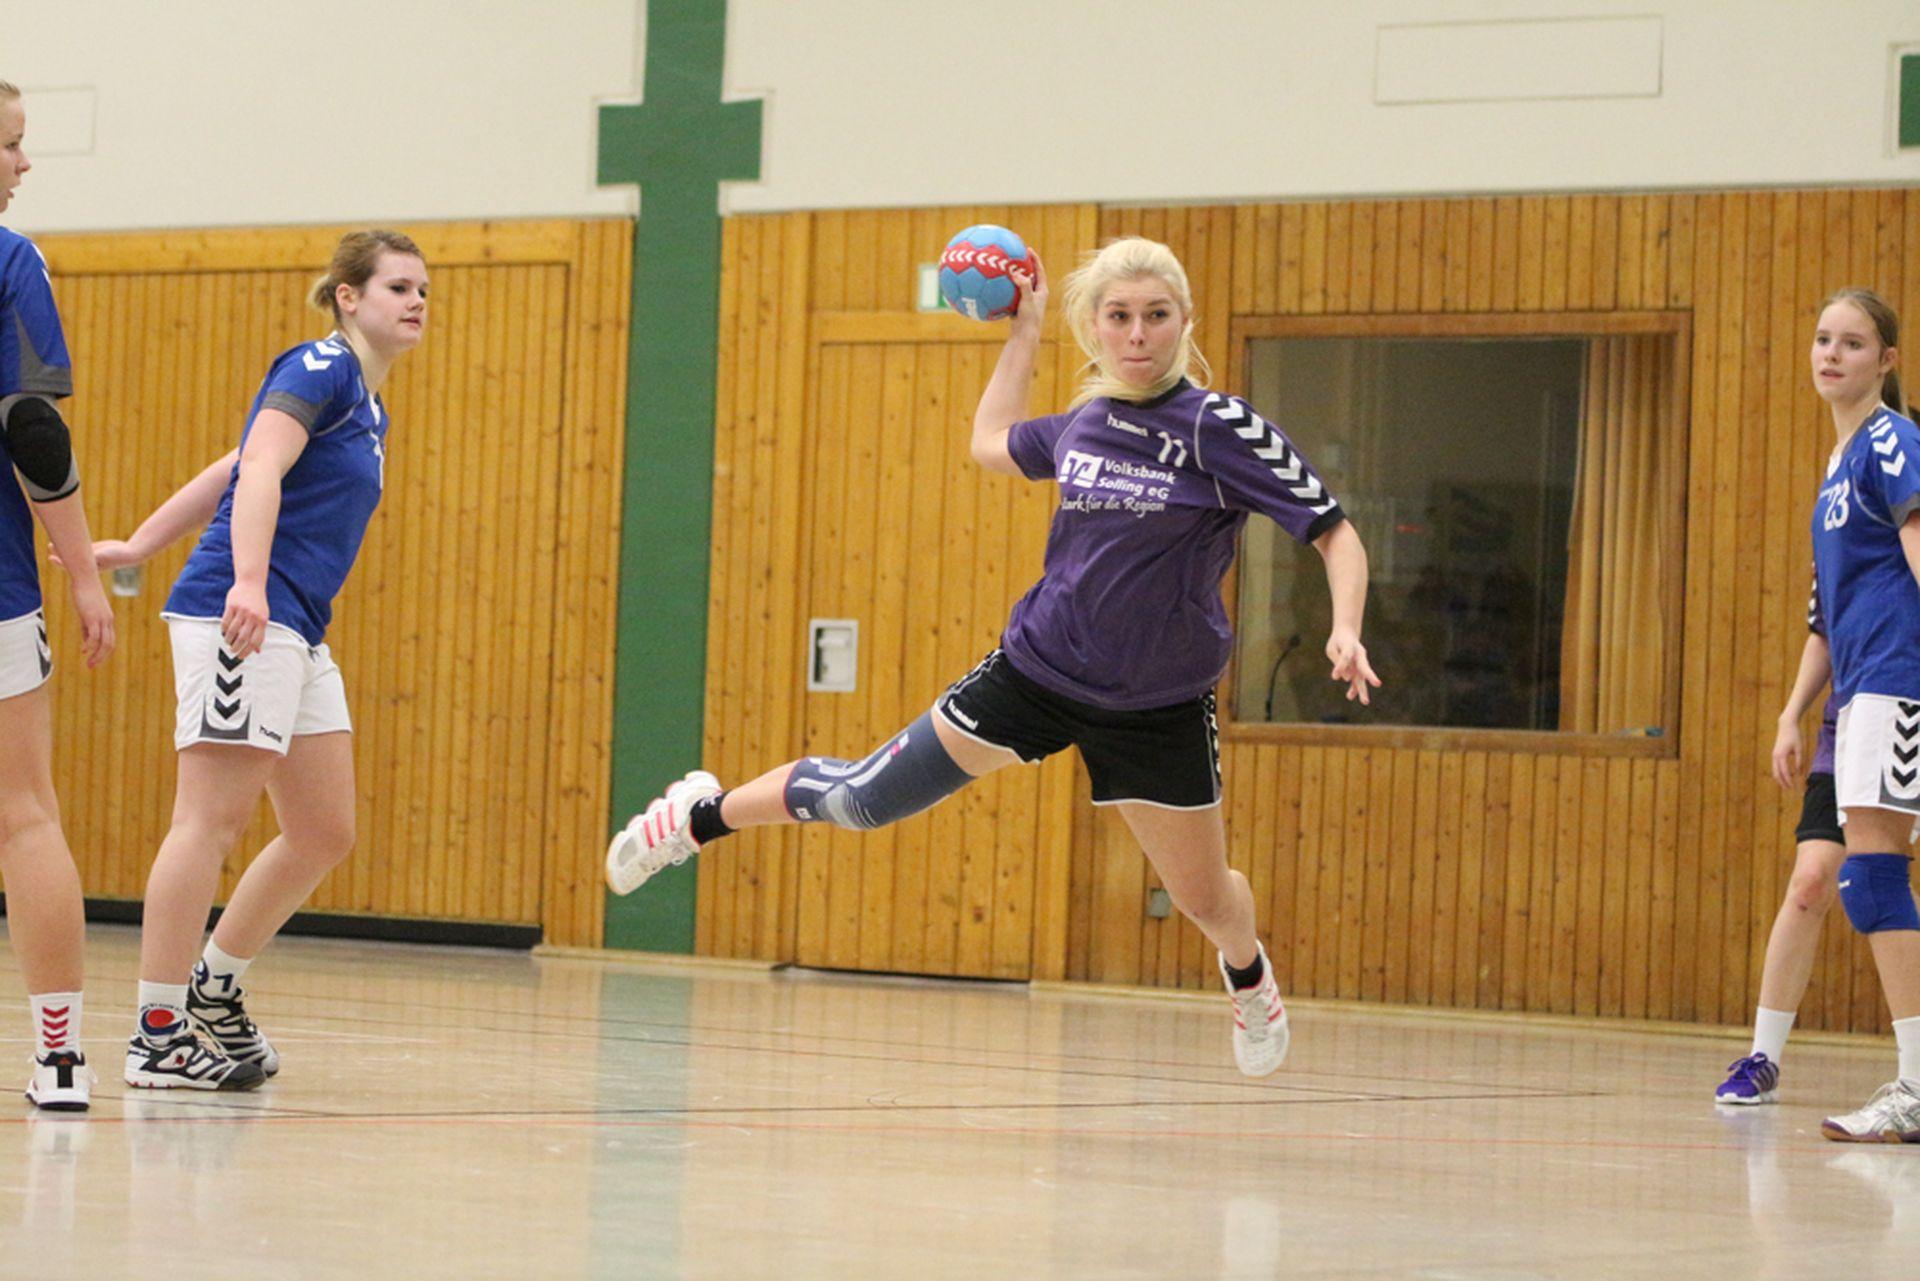 Sportfotografie Handball